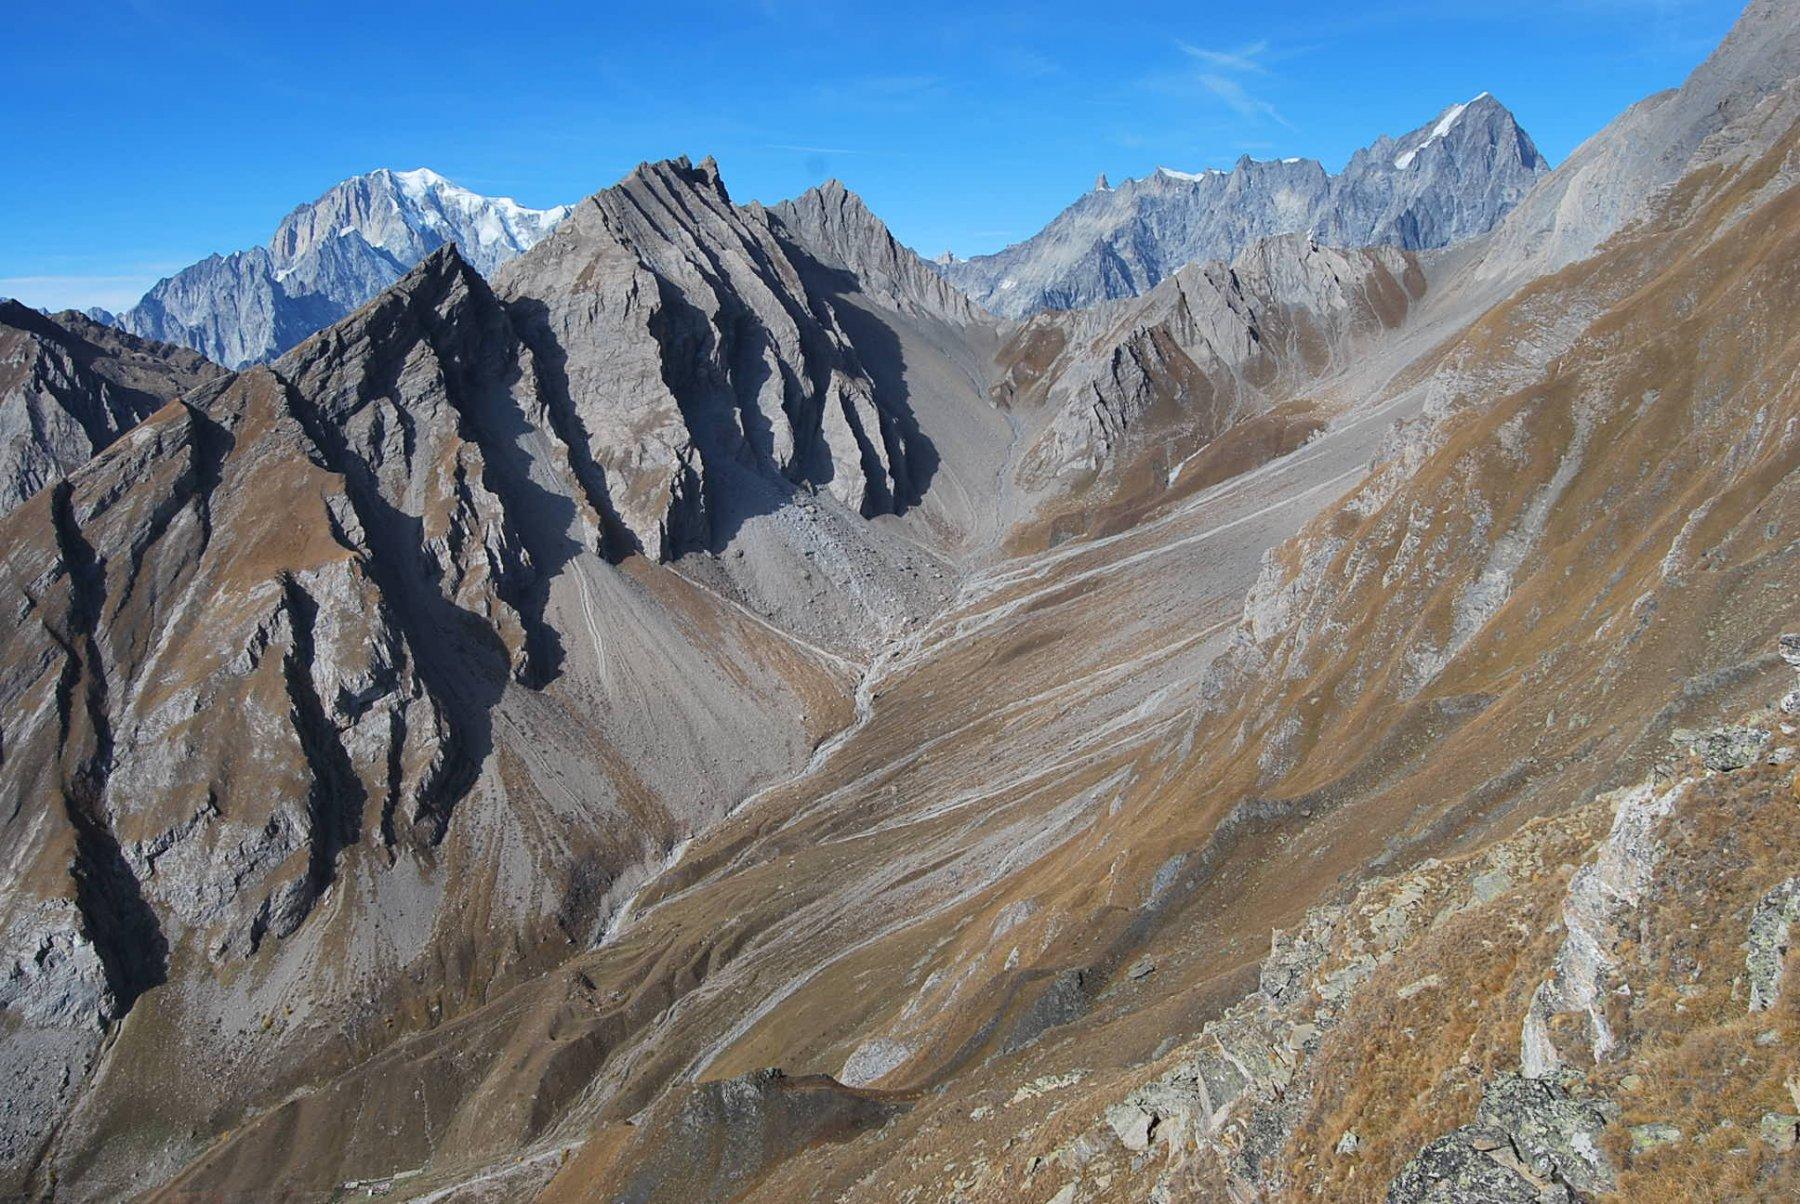 Vallone di Chambave (in primo piano) con i colli Chambave e Battaglione Aosta; in secondo piano dal Monte Bianco alle Grandes Jorasses